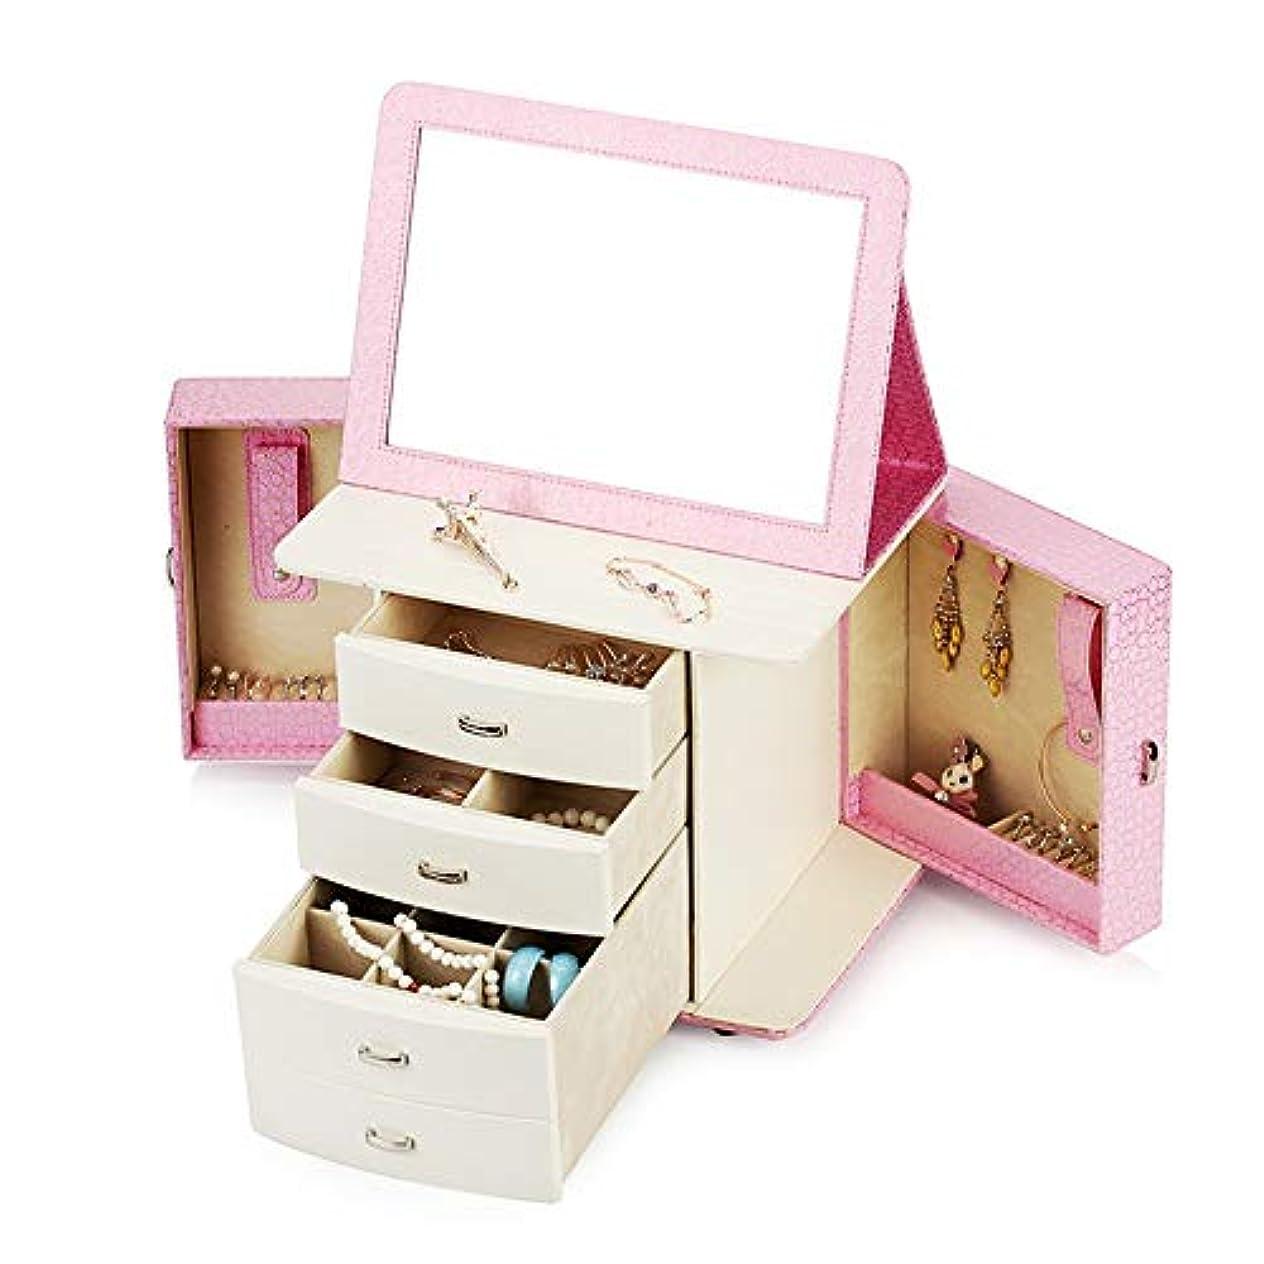 パーティションケント負化粧オーガナイザーバッグ 女性用ジュエリー収納ボックス小物収納用多層引き出し付 化粧品ケース